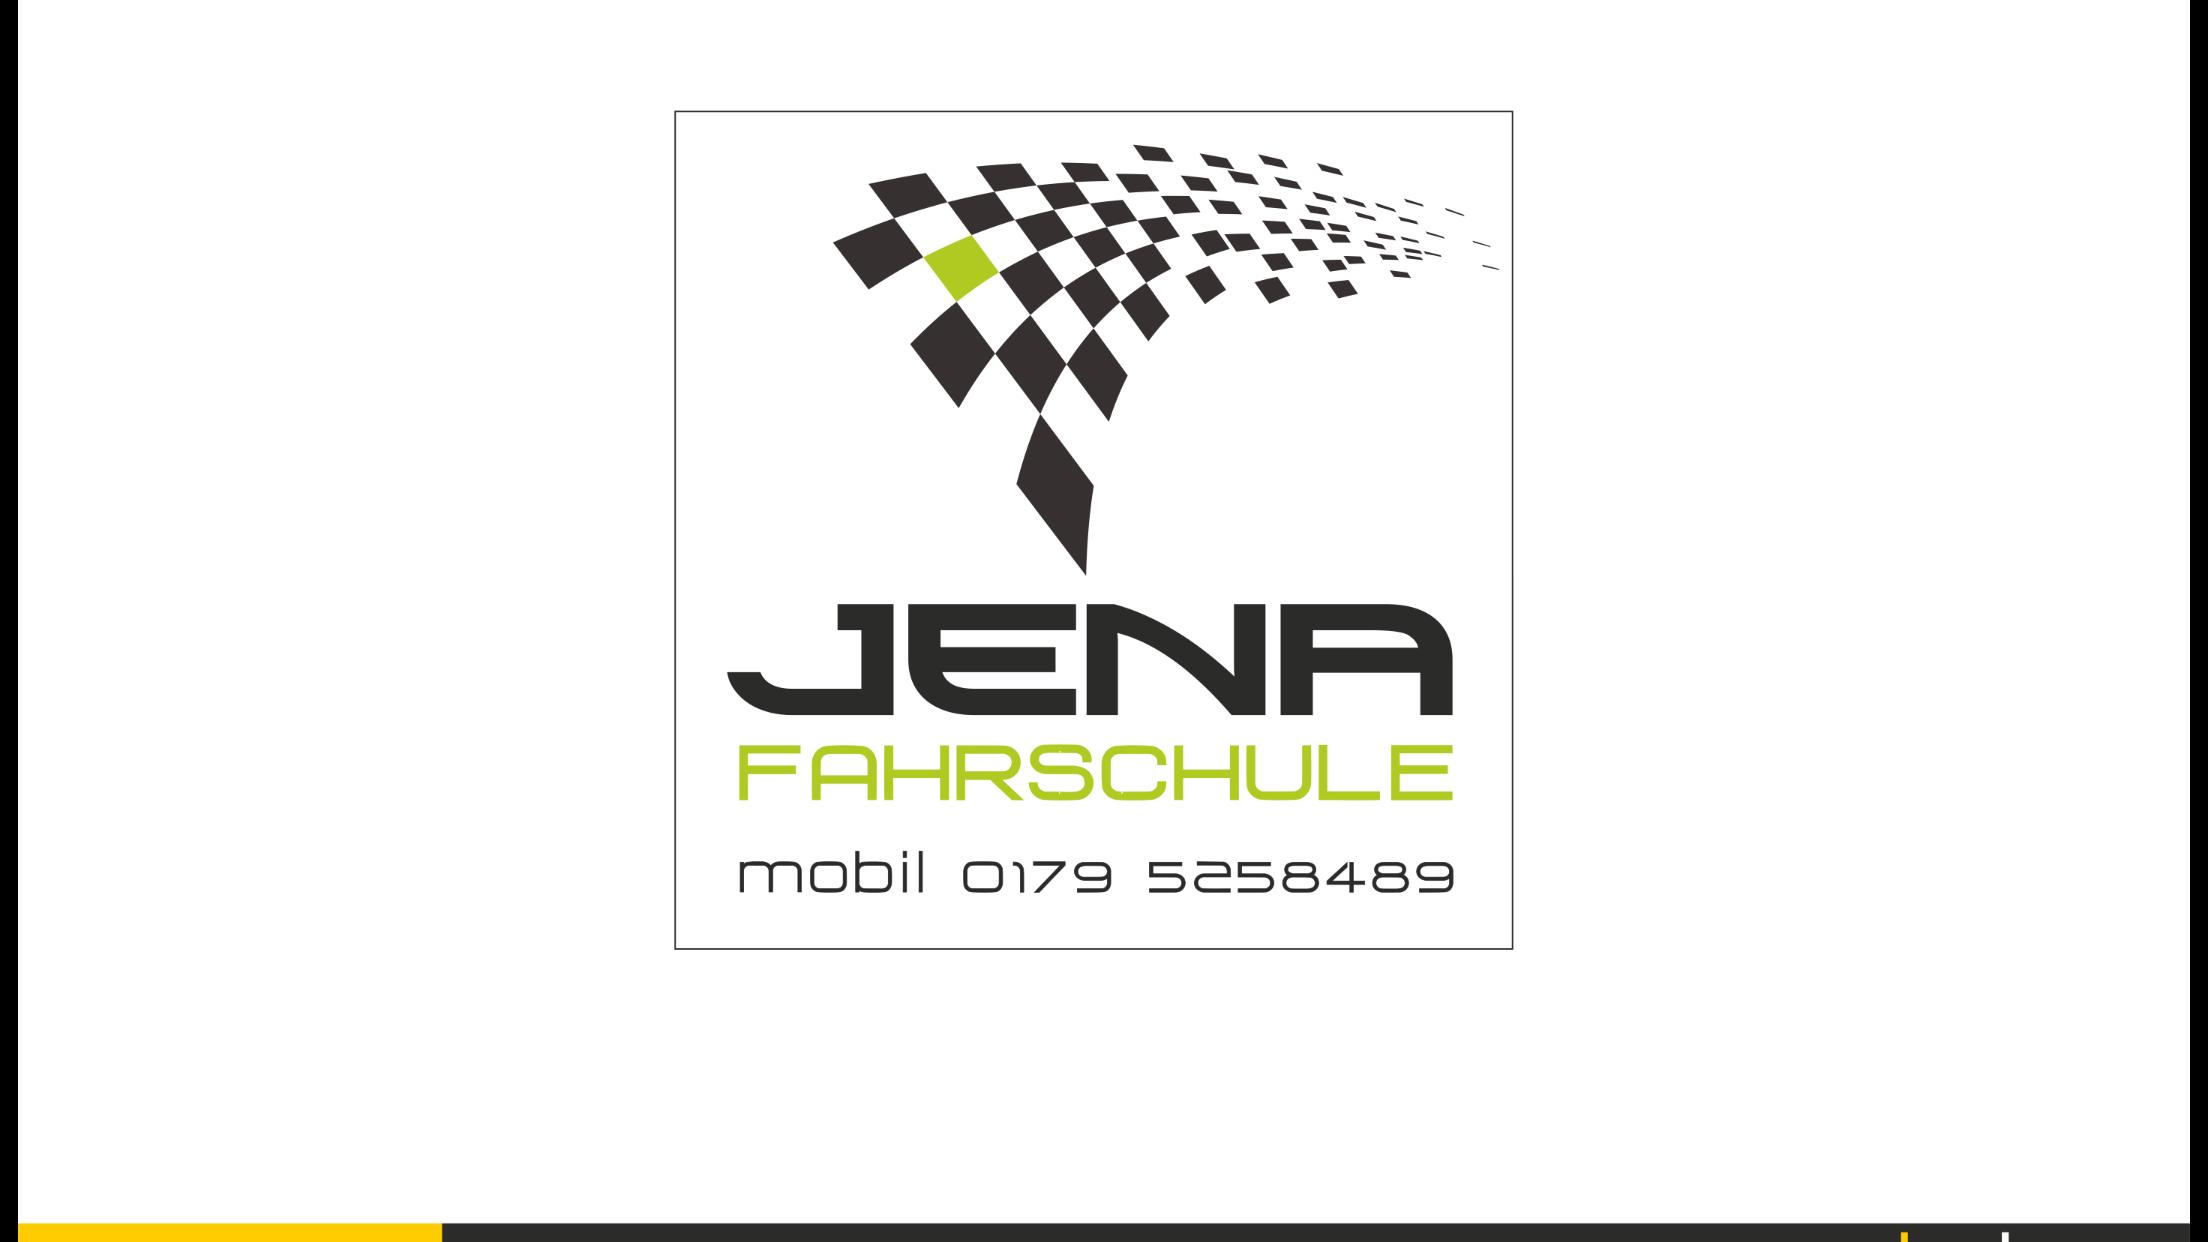 Fahrschule Jena